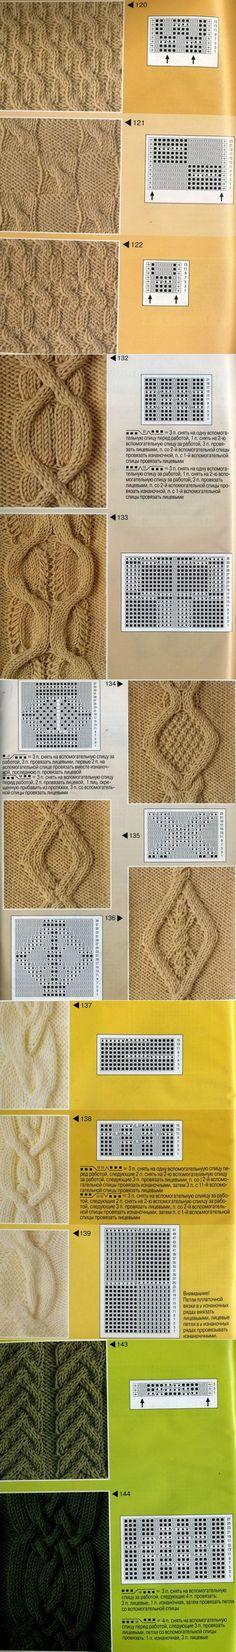 Узоры с косами схемы из журналов по вязанию | vjazem.ru